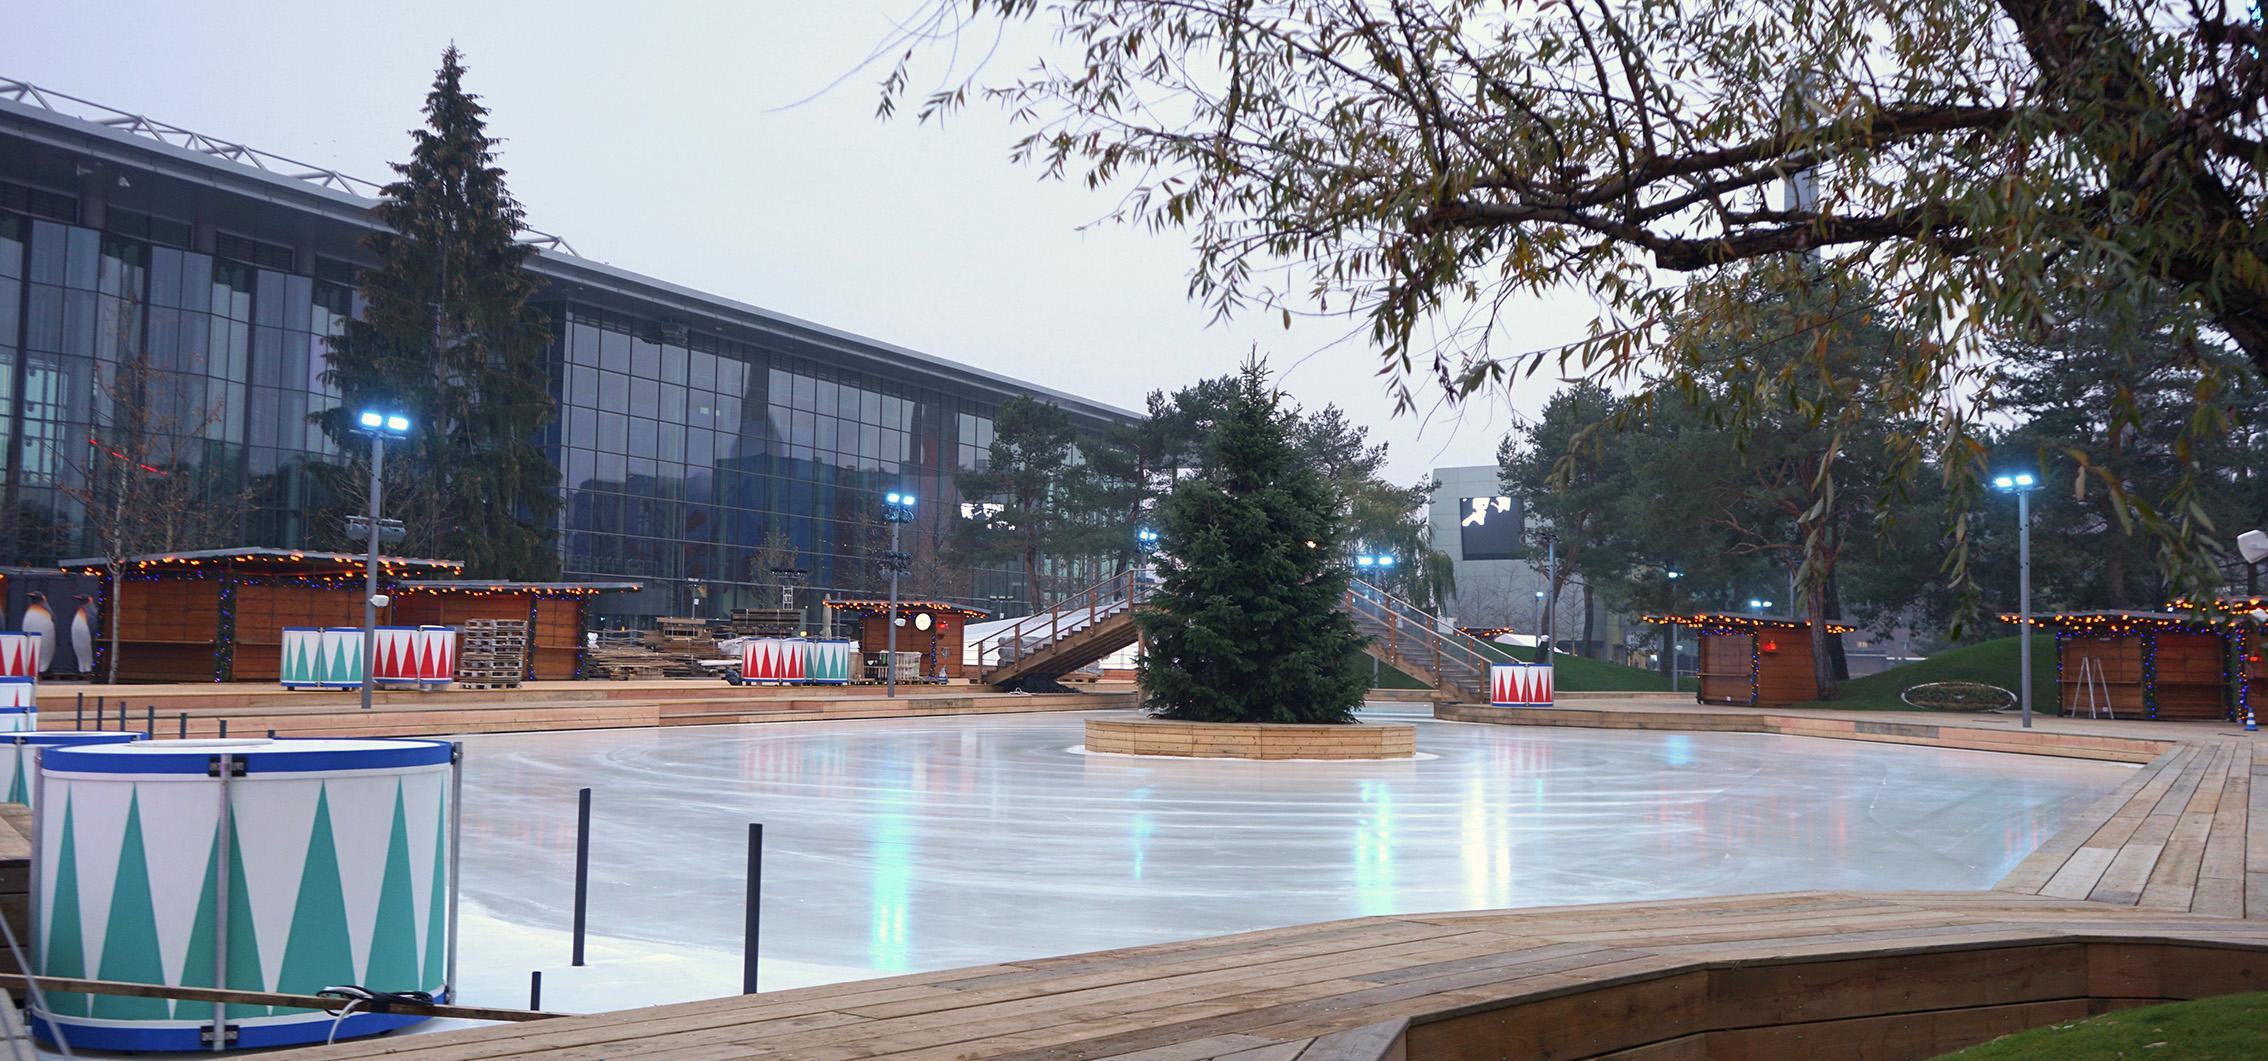 Hinter den Kulissen: Traumhafte Winterwelt in der Autostadt in Wolfsburg